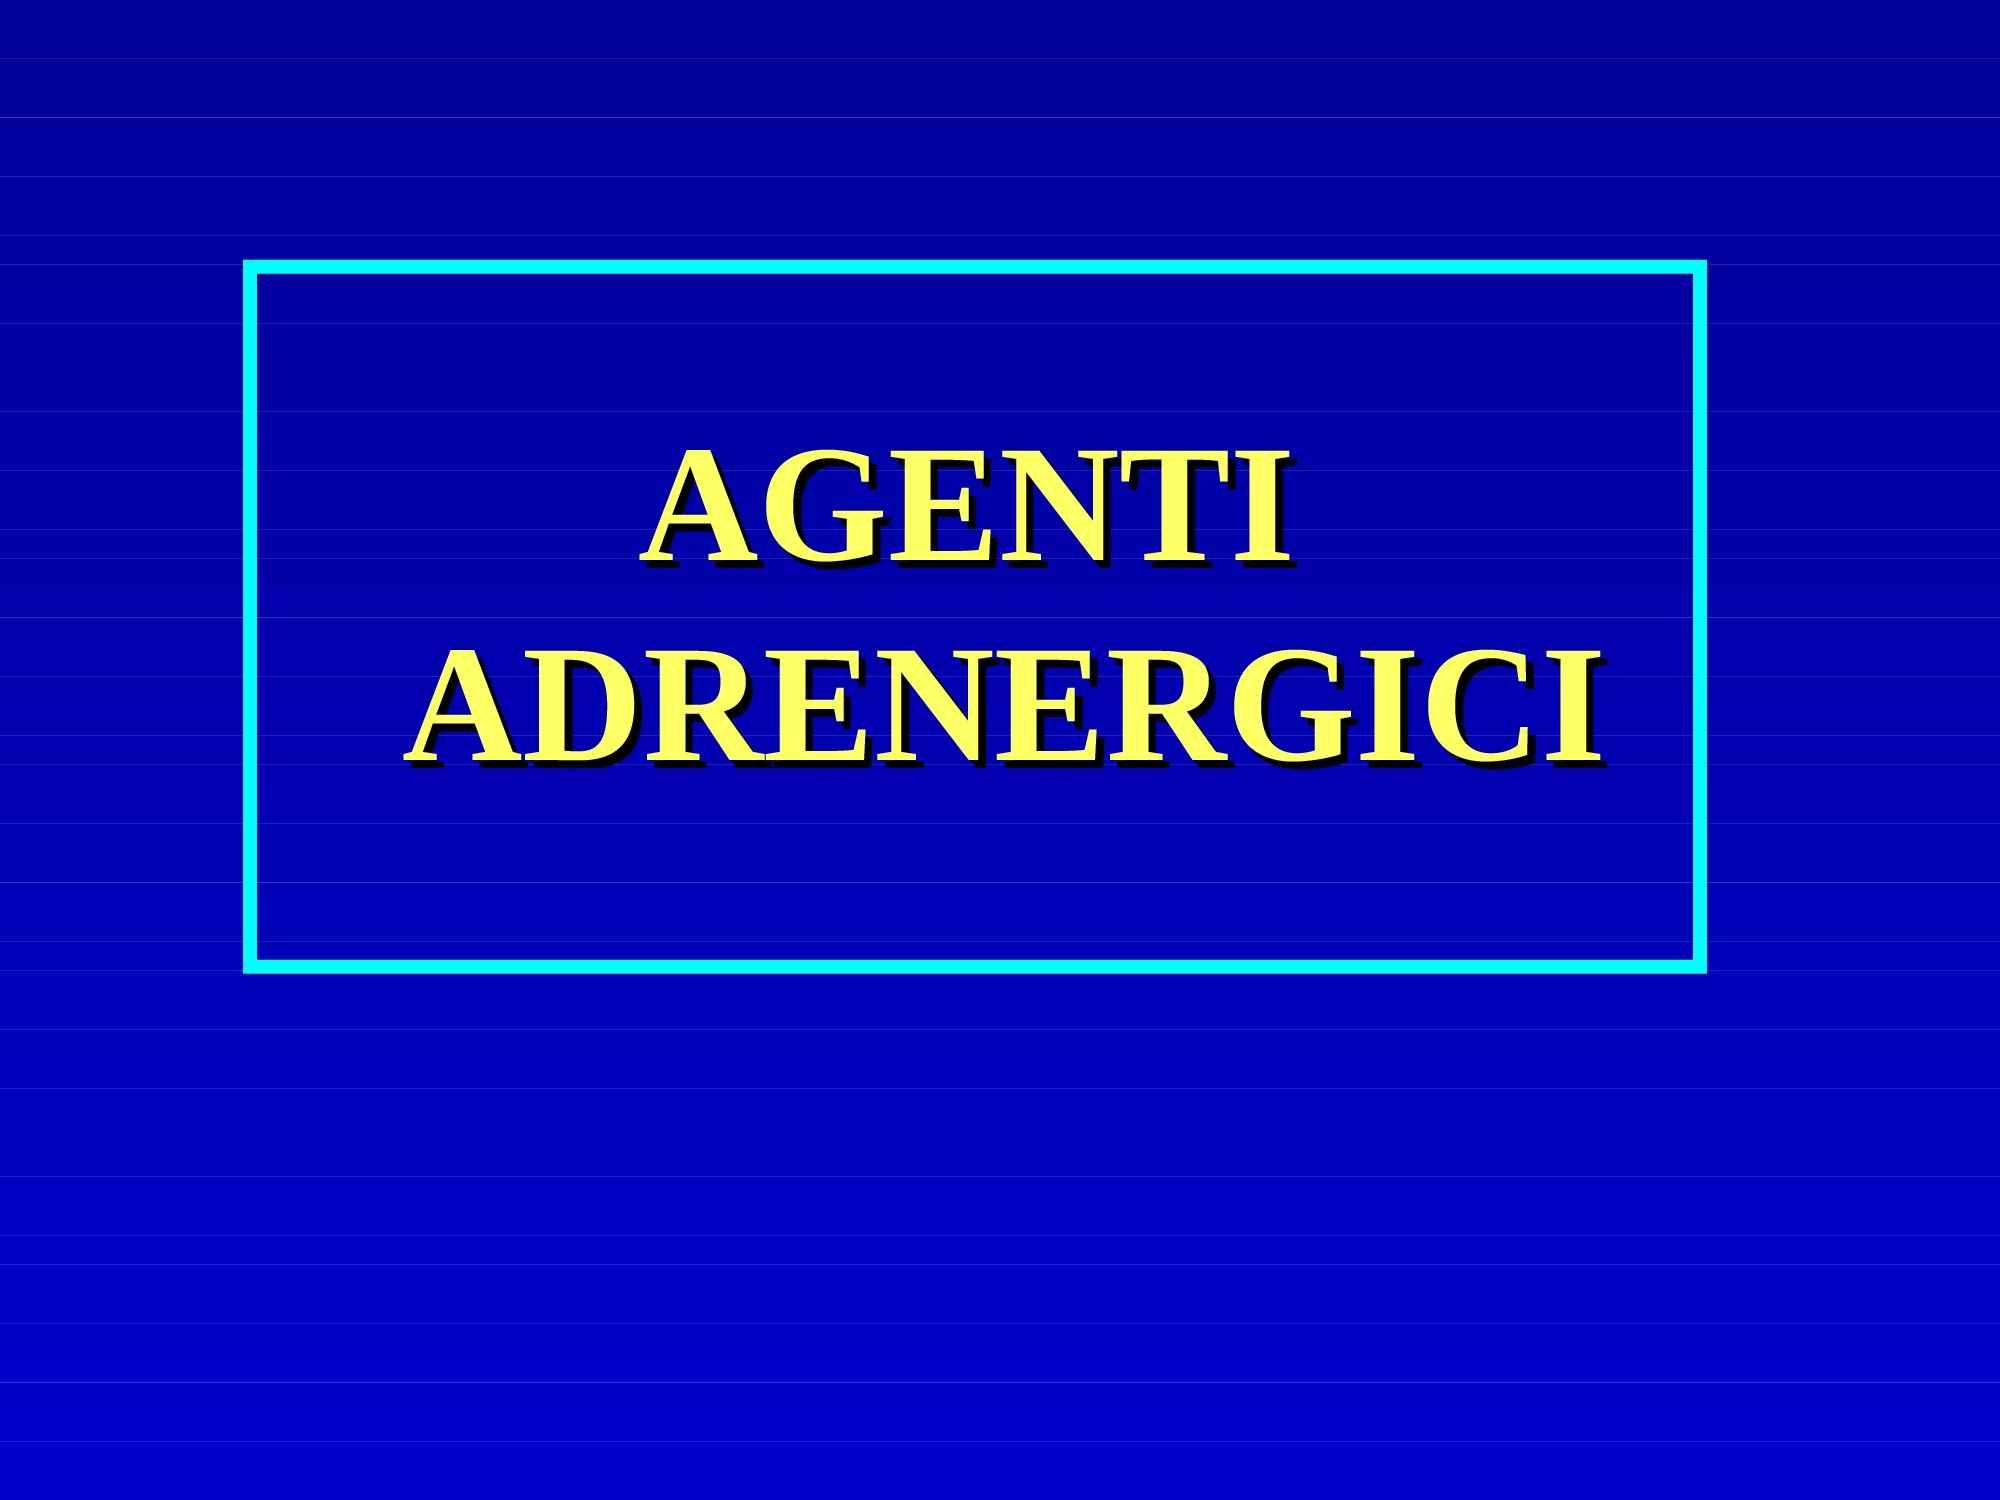 Agenti adrenergici